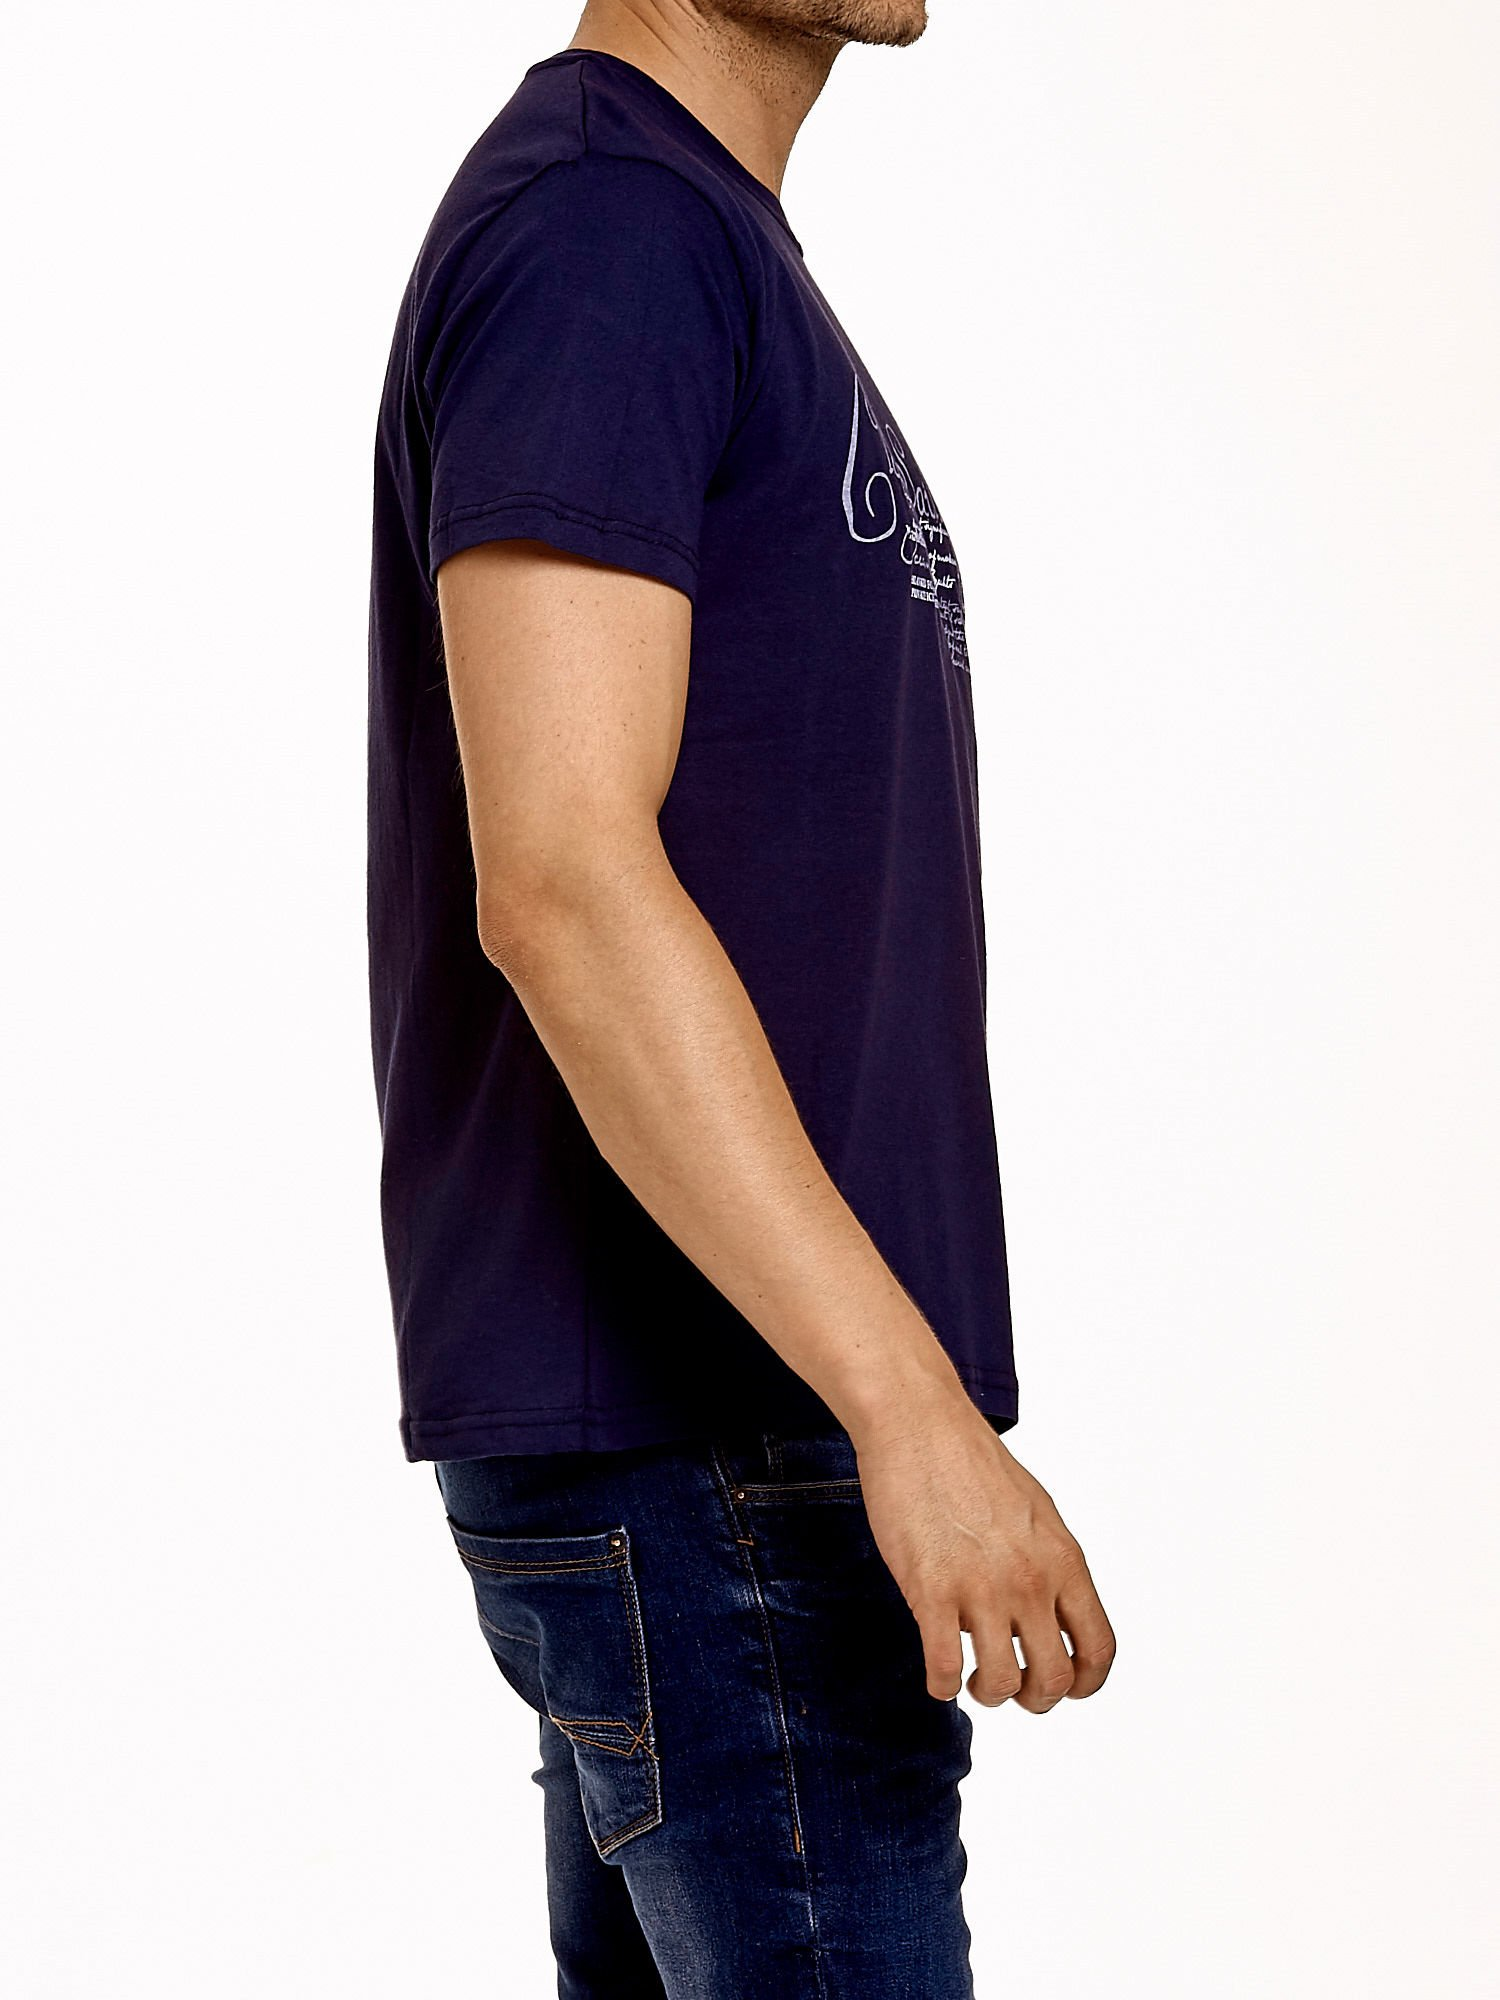 Granatowy t-shirt męski z napisami i liczbą 83                                  zdj.                                  4